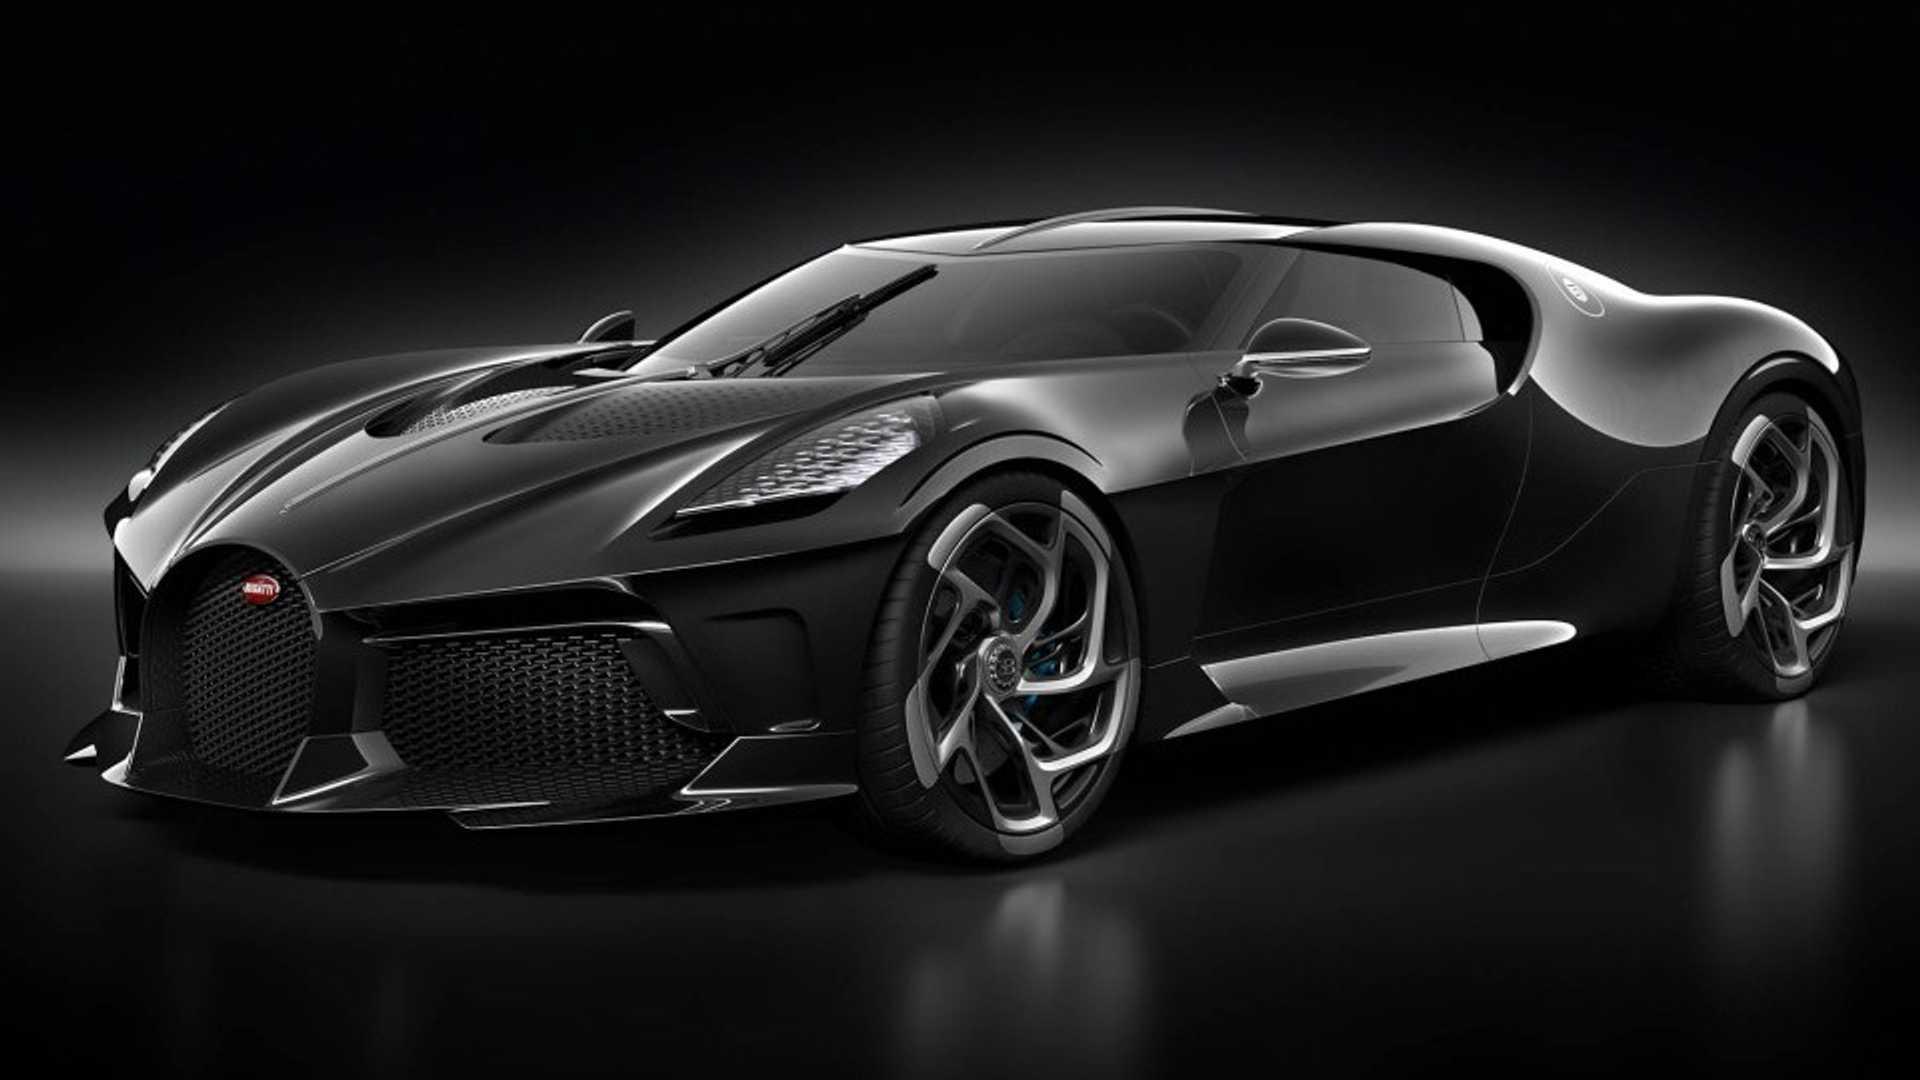 Bugatti La Voiture Noire: vendido en Ginebra por 16.5 millones